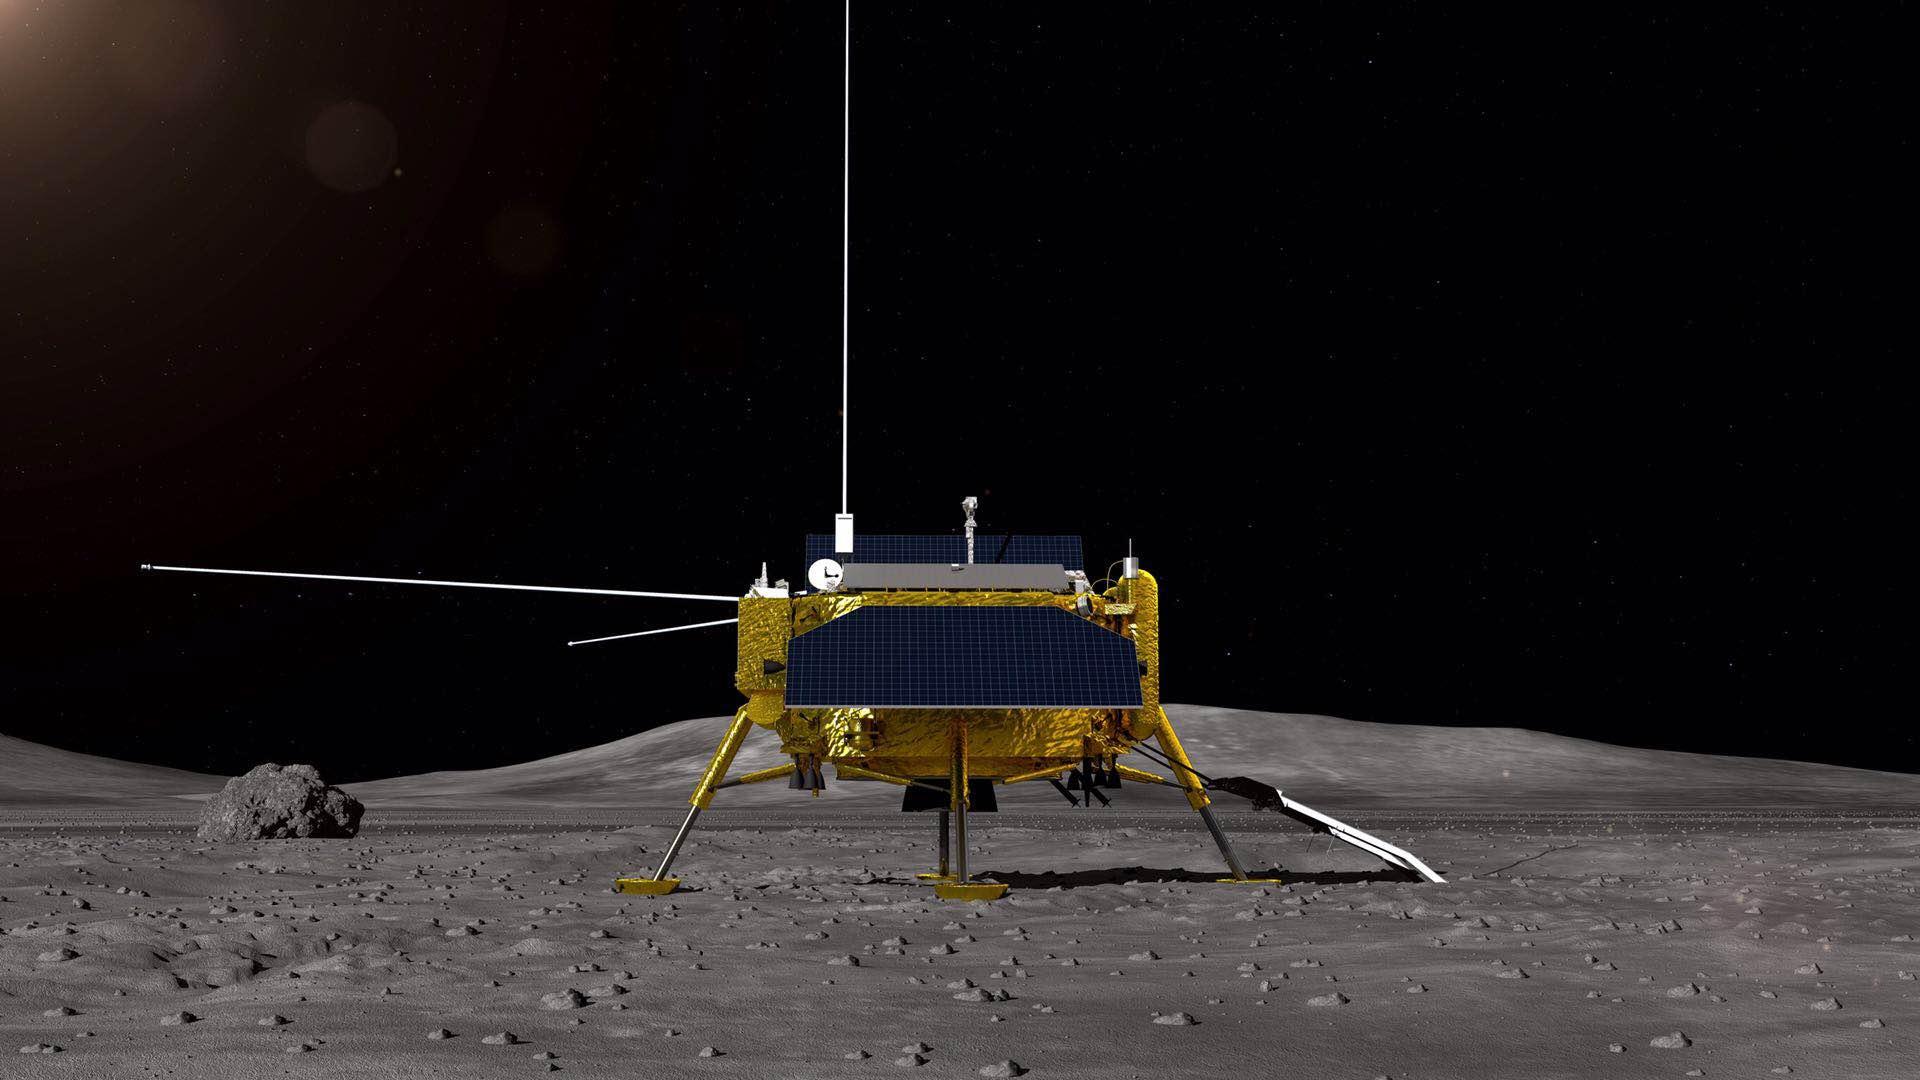 玉兔号月球全景图_嫦娥四号任务月球车全球征名启动!快来发挥你的才华吧|嫦娥四 ...